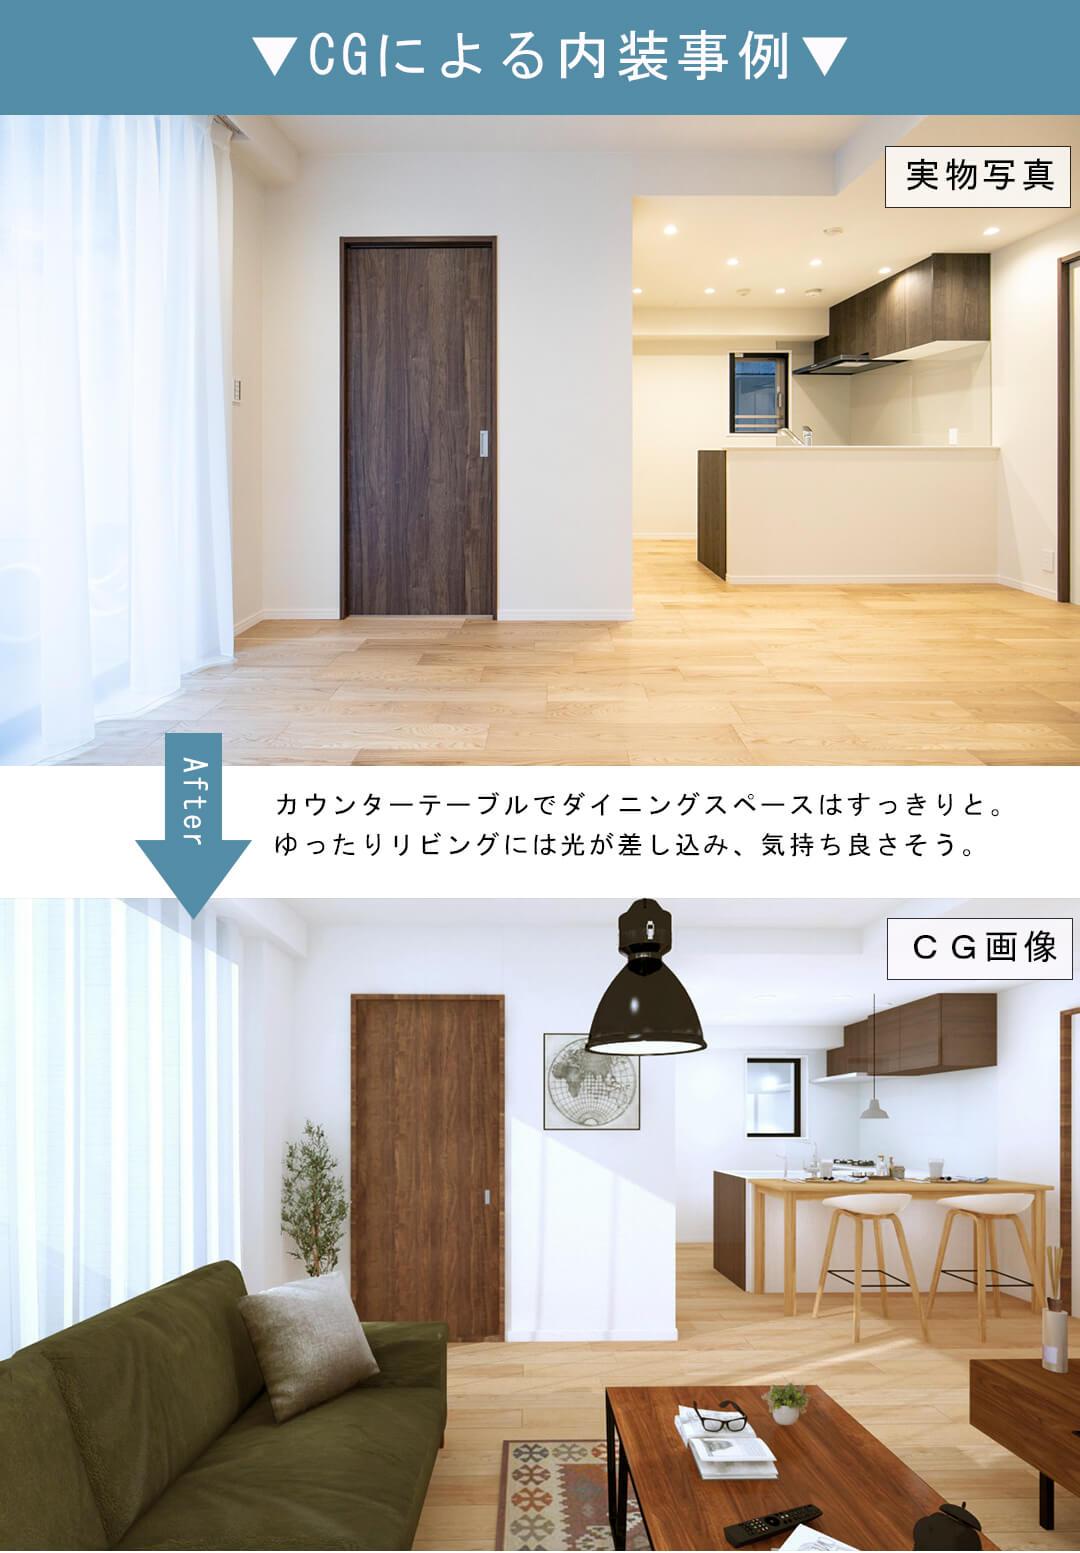 グラーサ東京イーストの内装事例